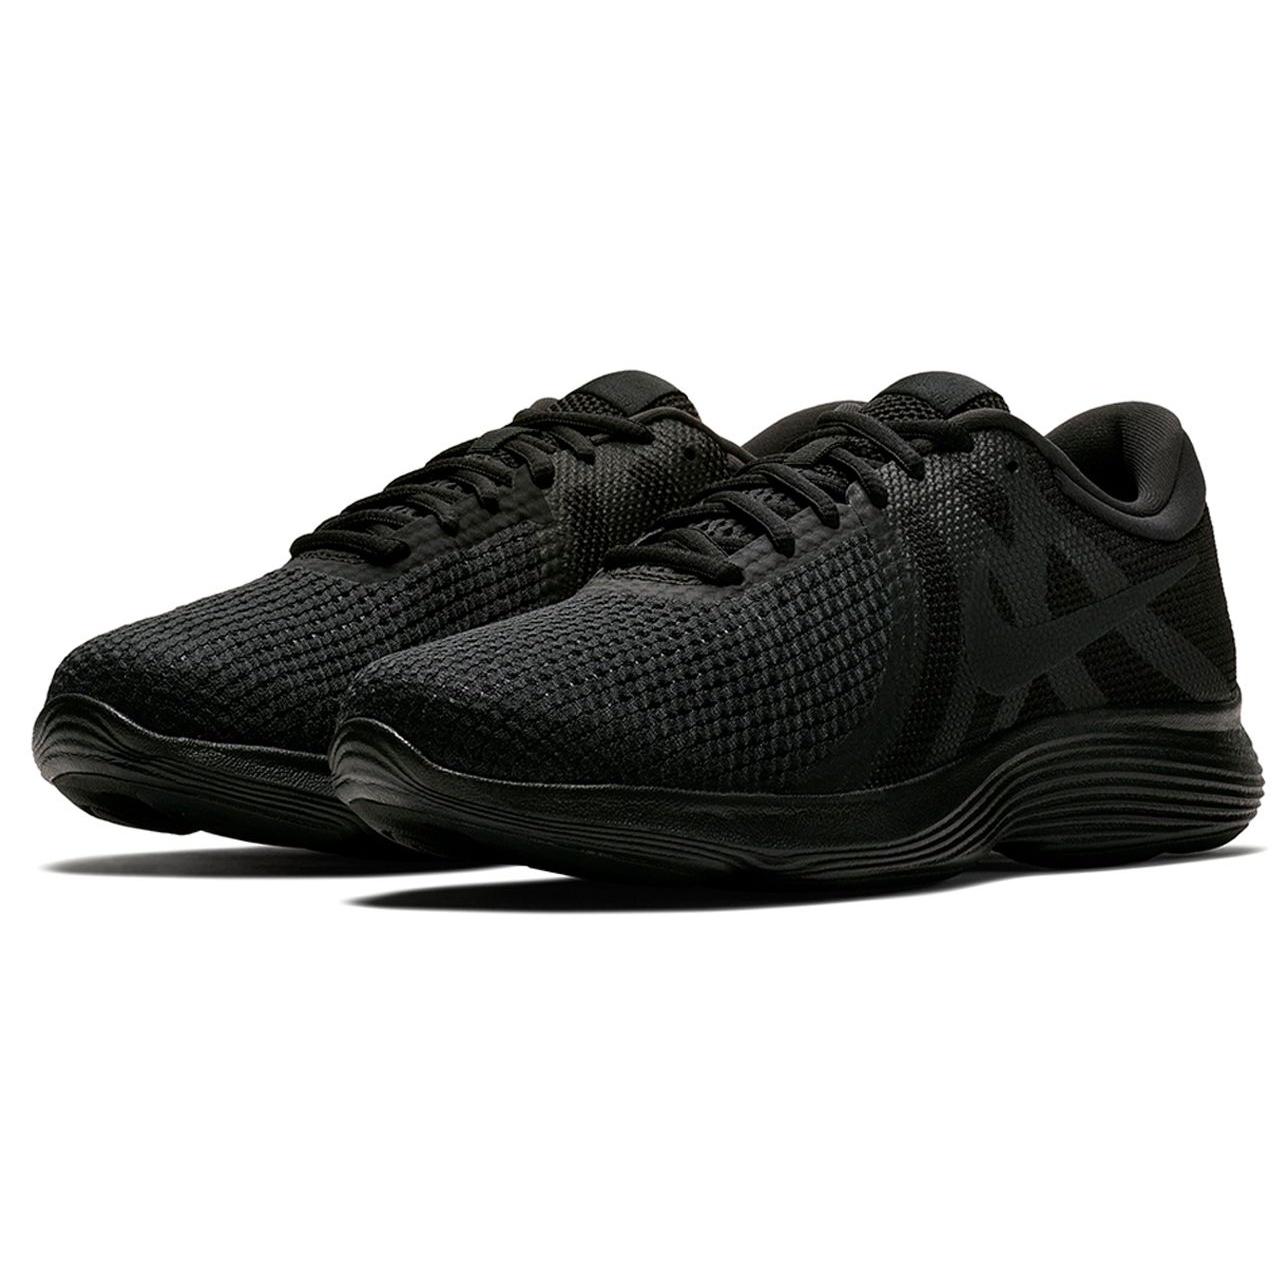 خرید                                      کفش ورزشی مخصوص دویدن و پیاده روی مردانه نایک مدل Revolution